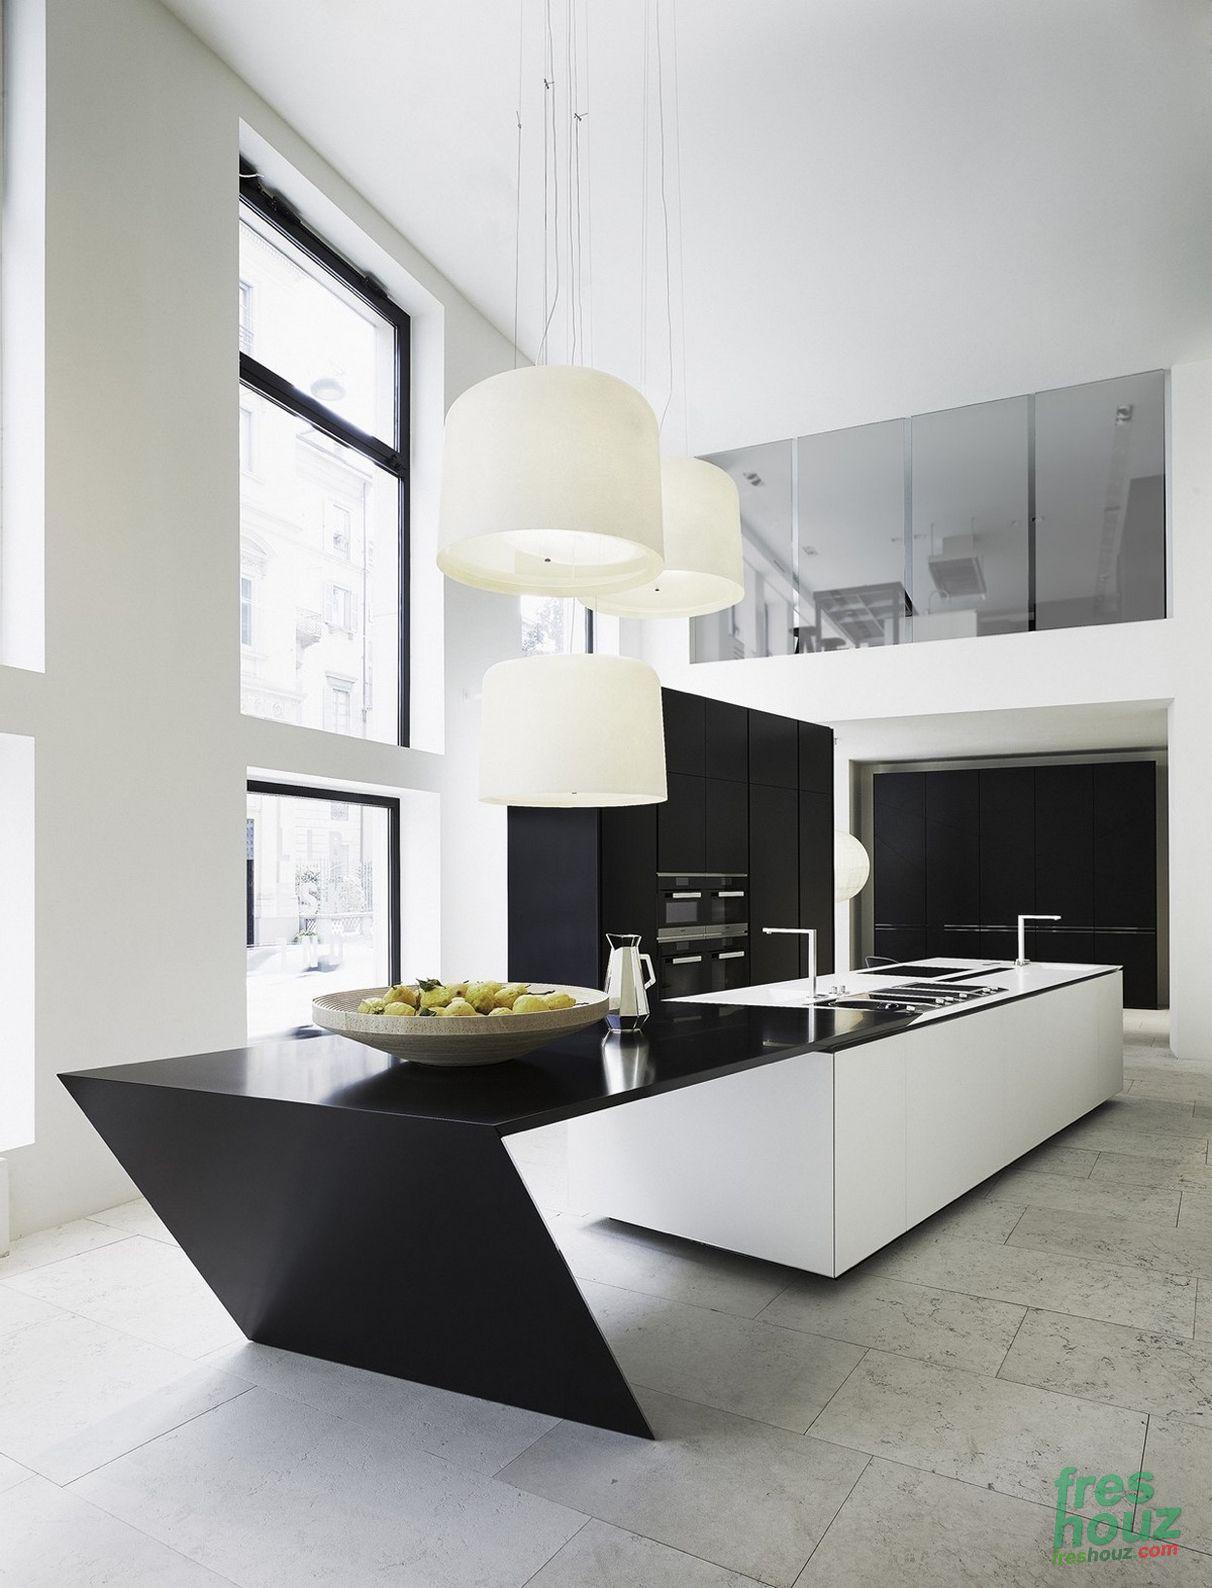 Our 101 Favorite Elegant White Kitchen Designs Inspirations / FresHOUZ.com